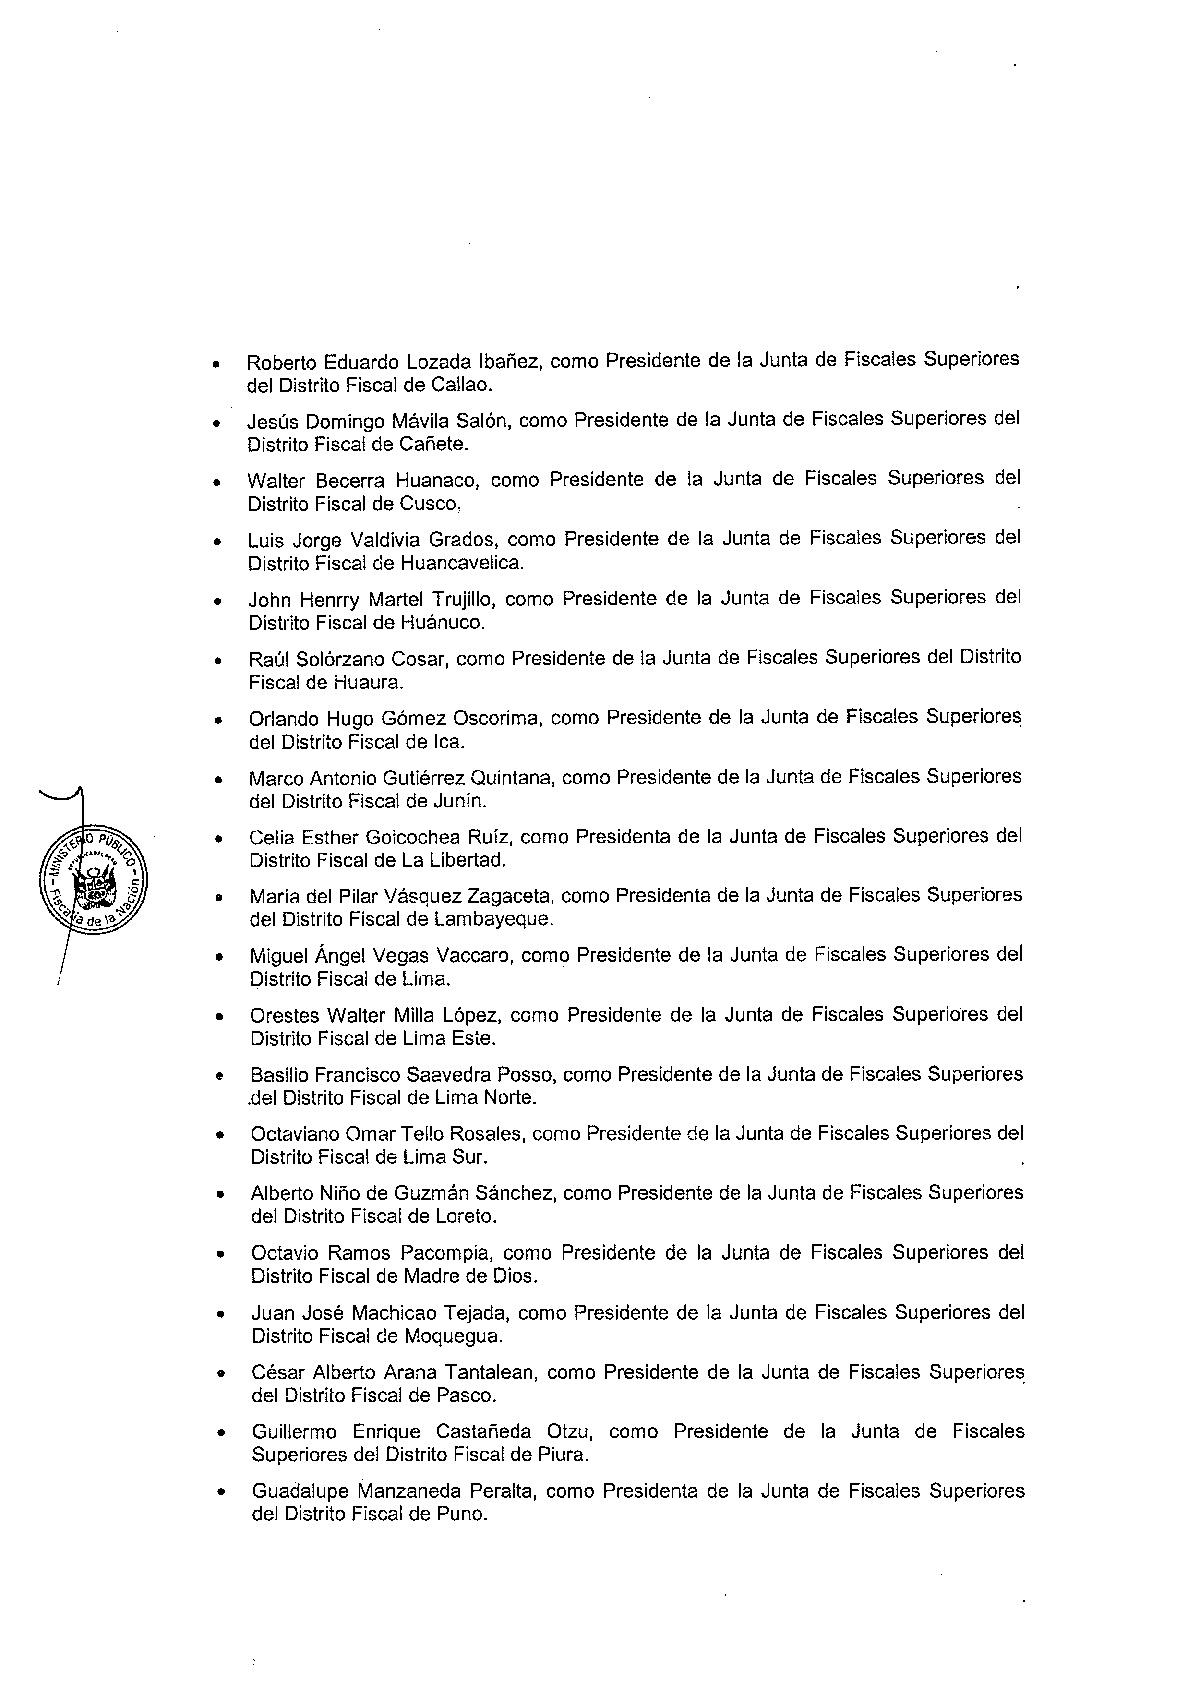 vea-la-lista-de-los-nuevos-presidentes-de-las-juntas-de-fiscales-superiores-designados-a-nivel-nacional-2017-2018-2